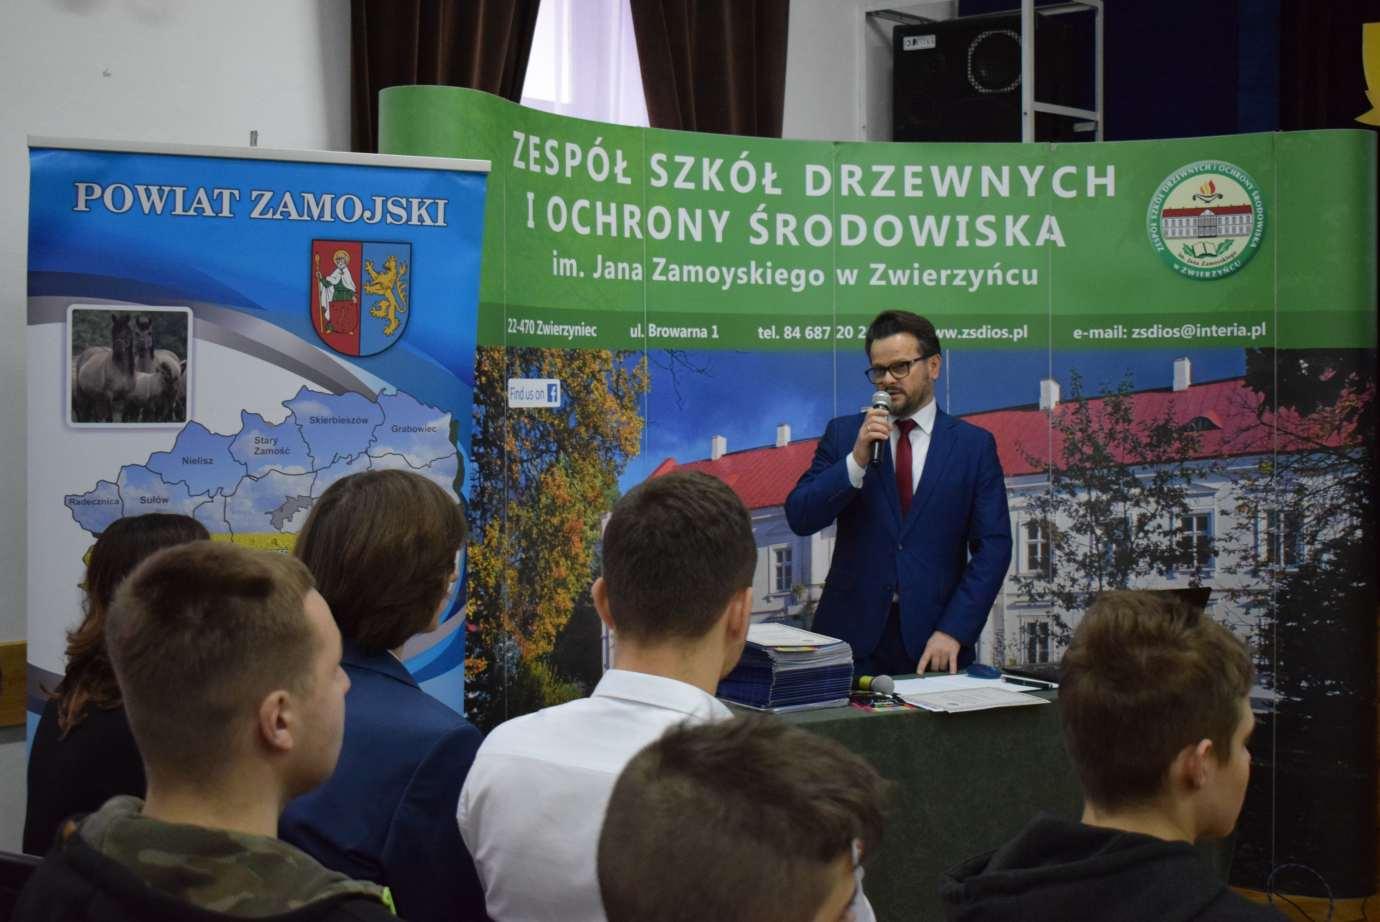 dsc 0735 Zespół Szkół Drzewnych i Ochrony Środowiska w Zwierzyńcu miał co świętować [ZDJĘCIA]